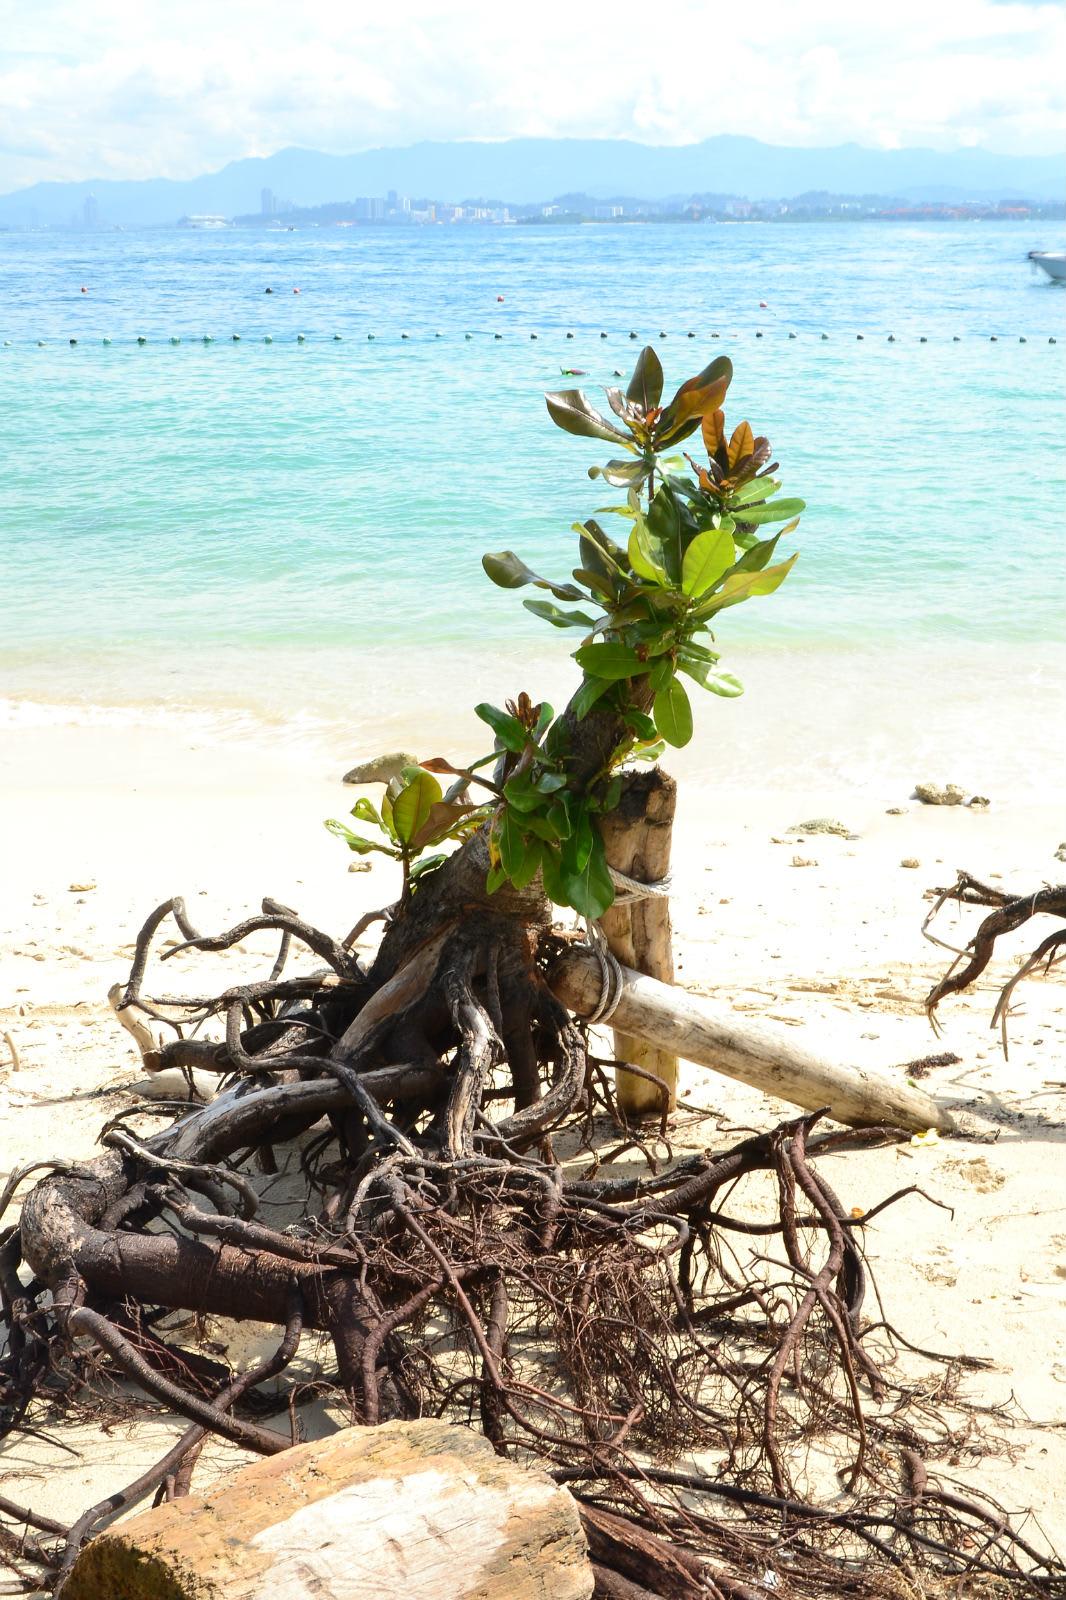 du lịch kota kinabalu - gốc cây trôi dạt